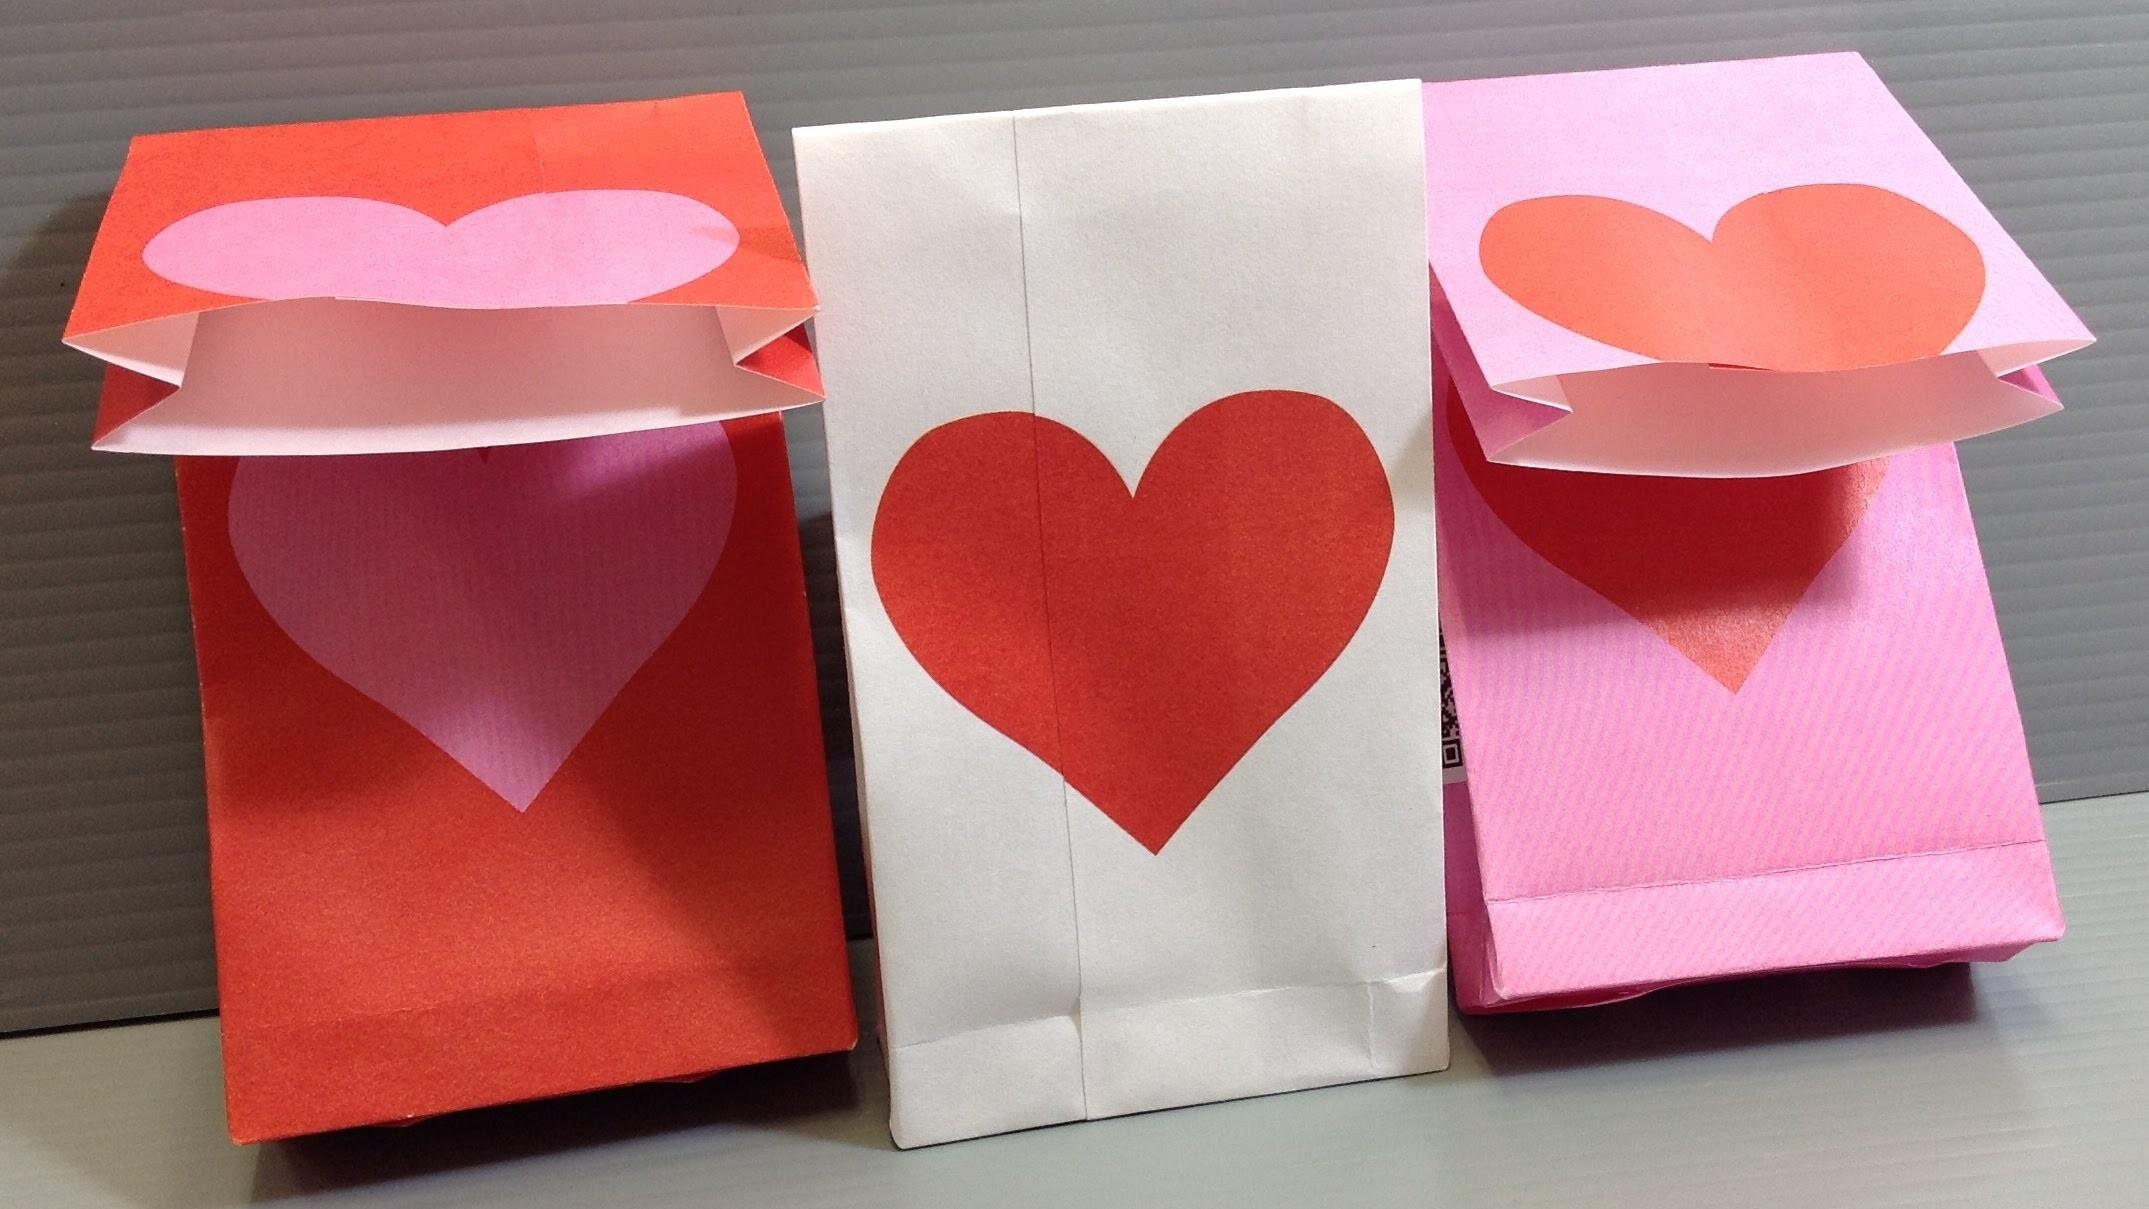 оригами на день святого валентина открытки своими руками она, как